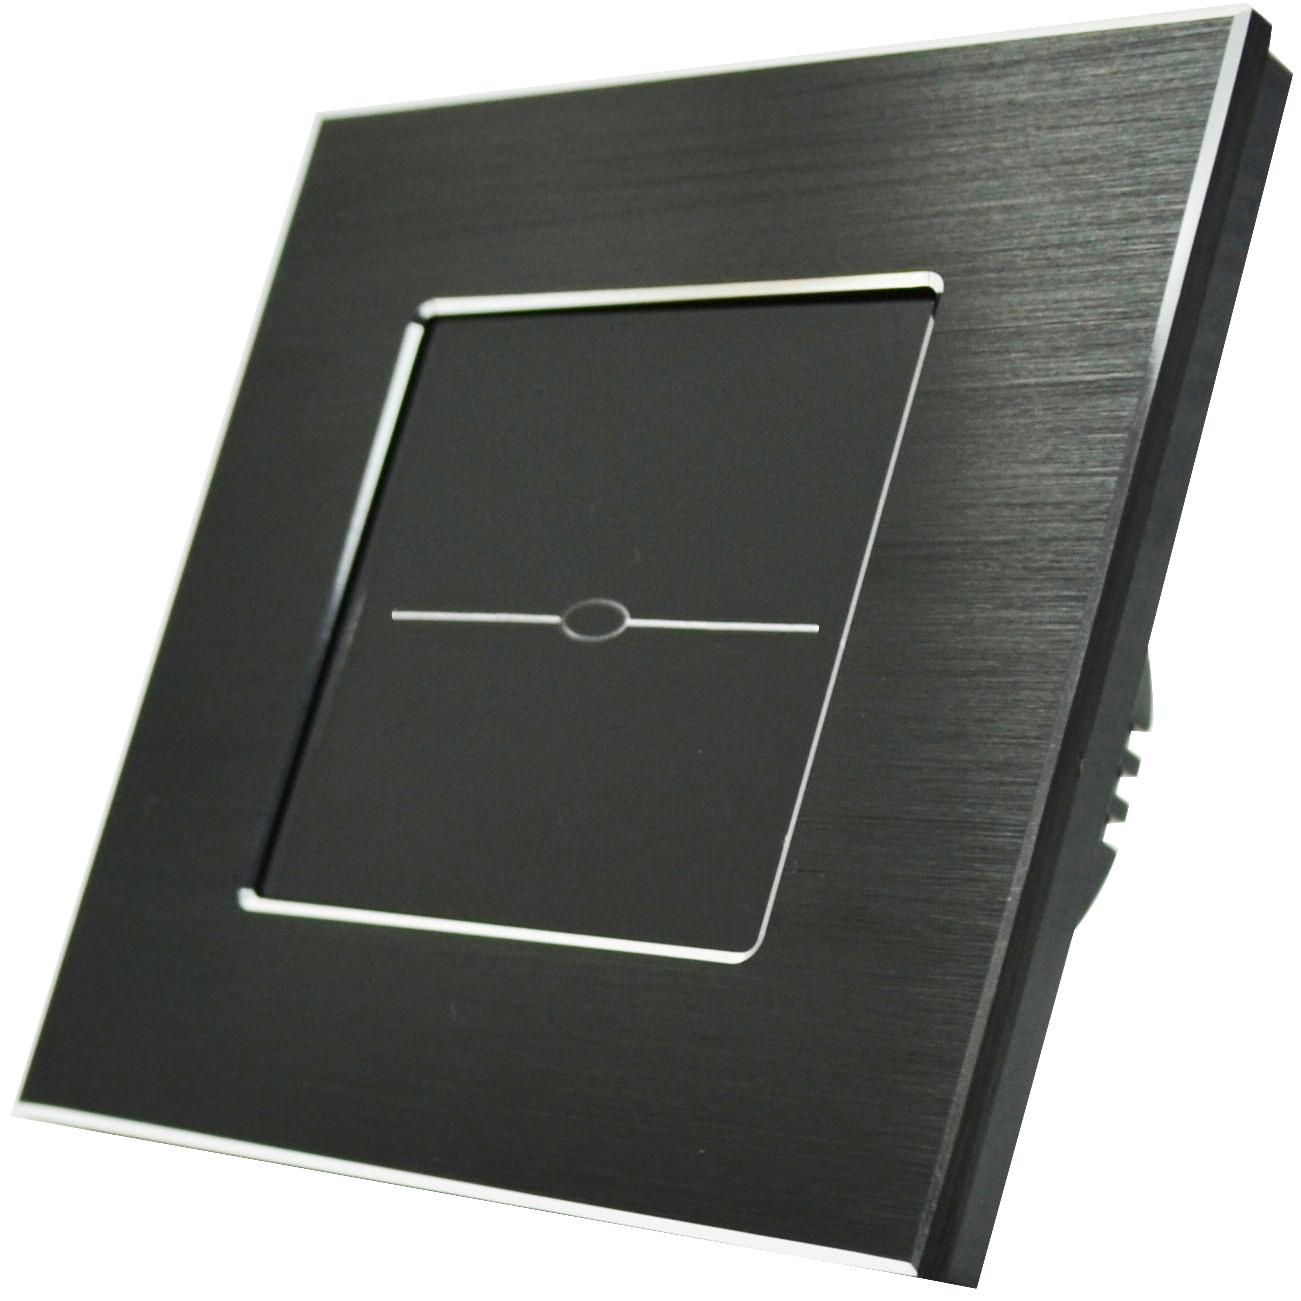 lichtschalter alurahmen glas touchscreen wandschalter ein aus schwarz schwarz ebay. Black Bedroom Furniture Sets. Home Design Ideas